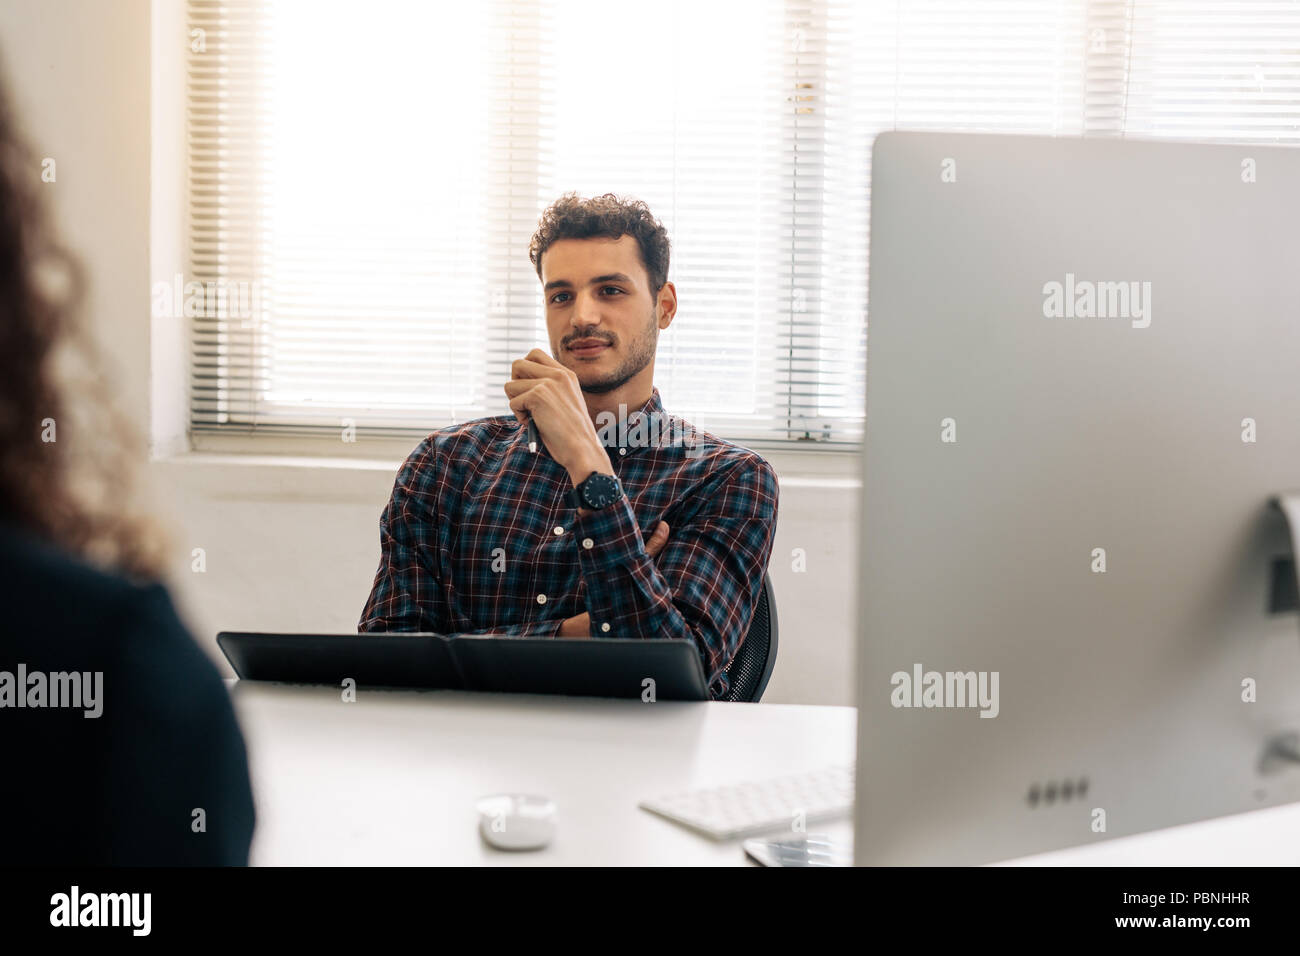 Empresario discutir el trabajo con un socio de negocios sentada en su escritorio en la oficina. Socios de negocios en una reunión en la oficina. Imagen De Stock